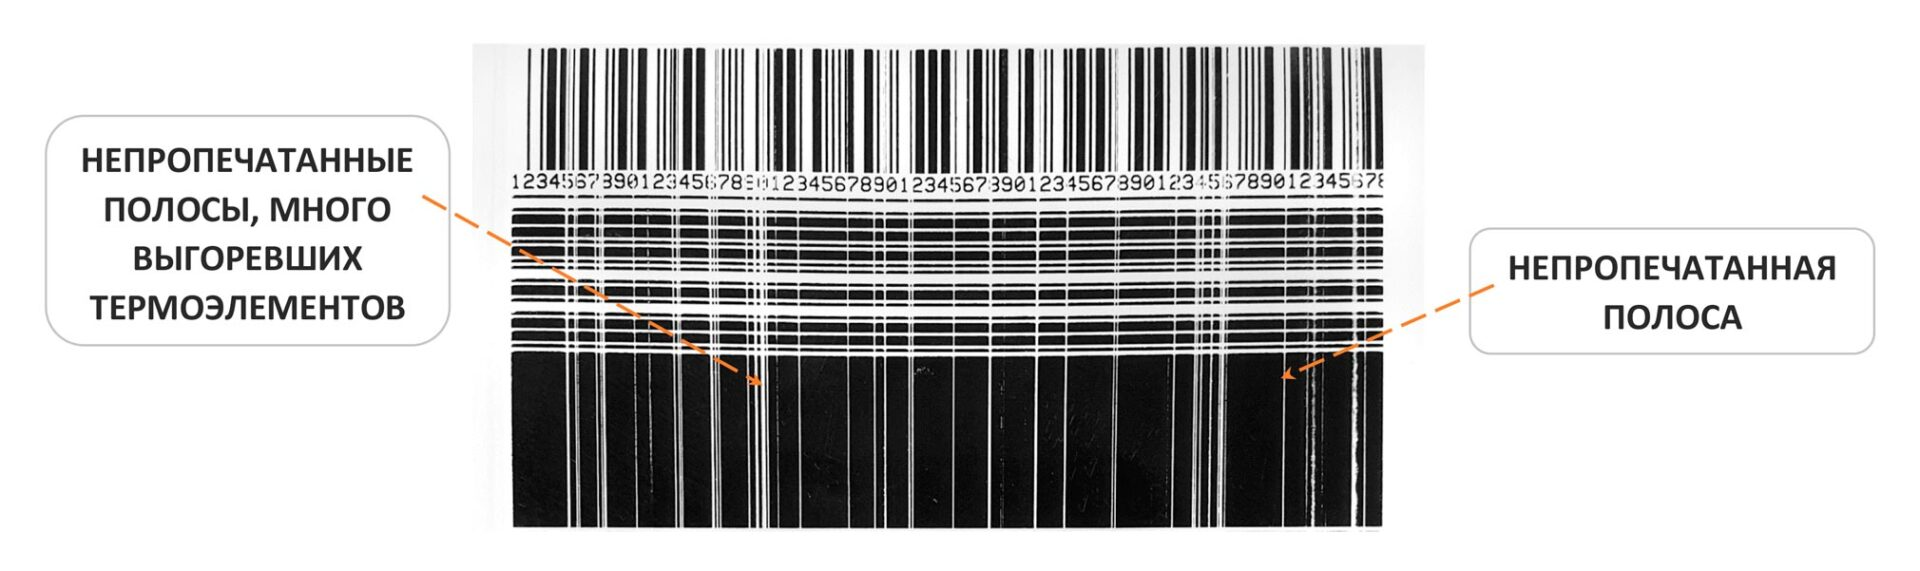 оборудование_для печати_этикеток_cab_sato_zebra_ 56655